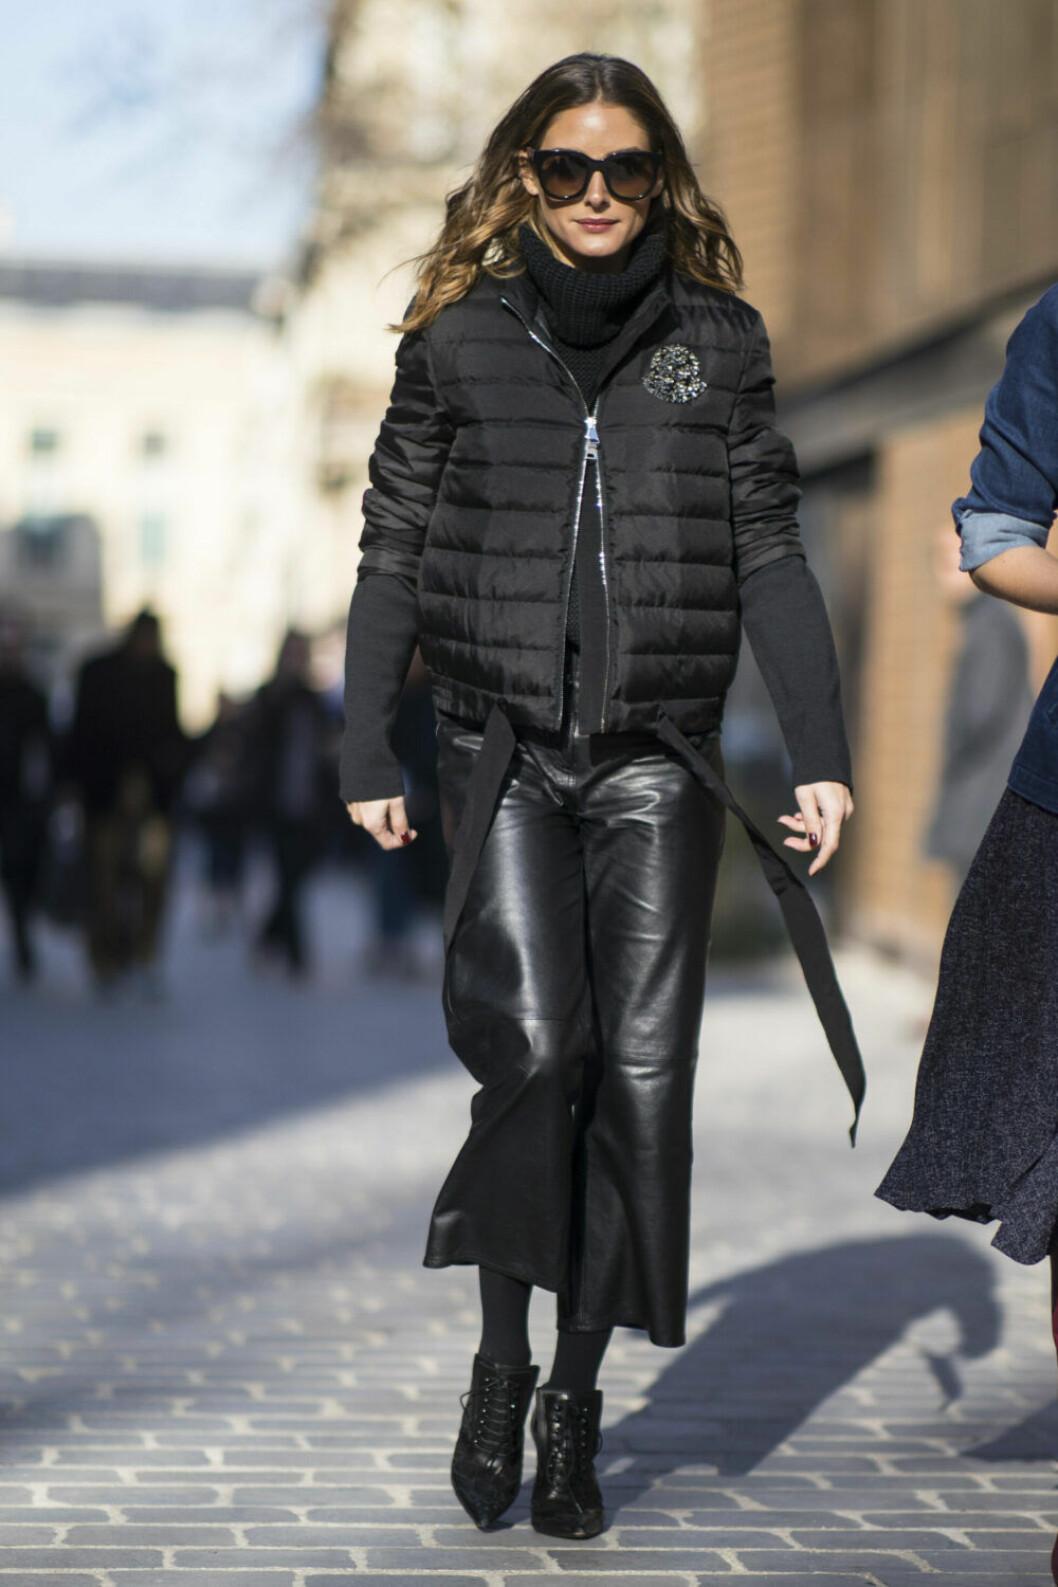 Paris FW streetstyle, Olivia Palermo.